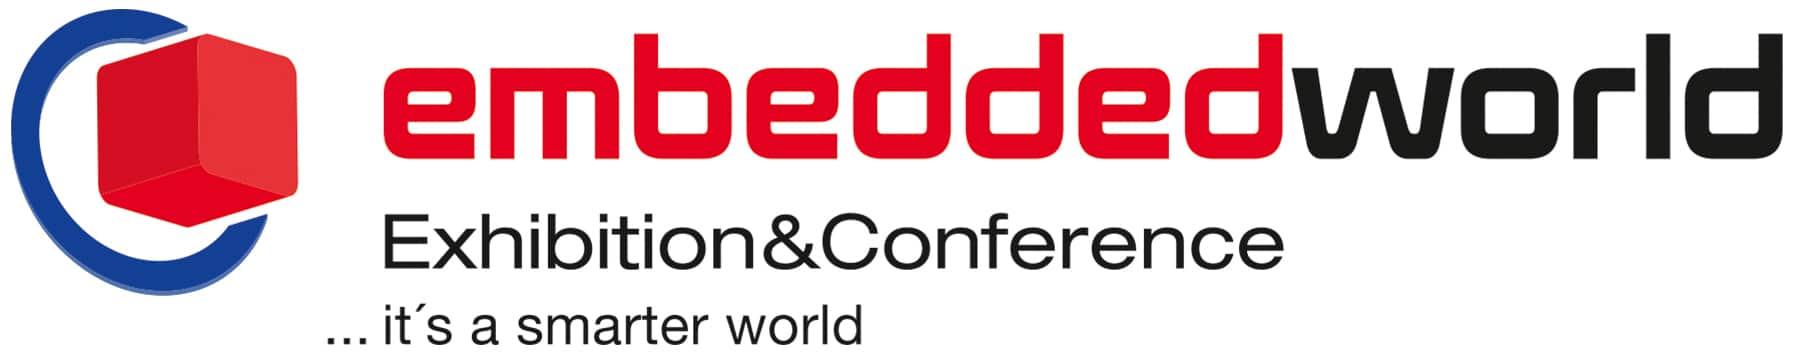 embeddedworld_2018_Logo